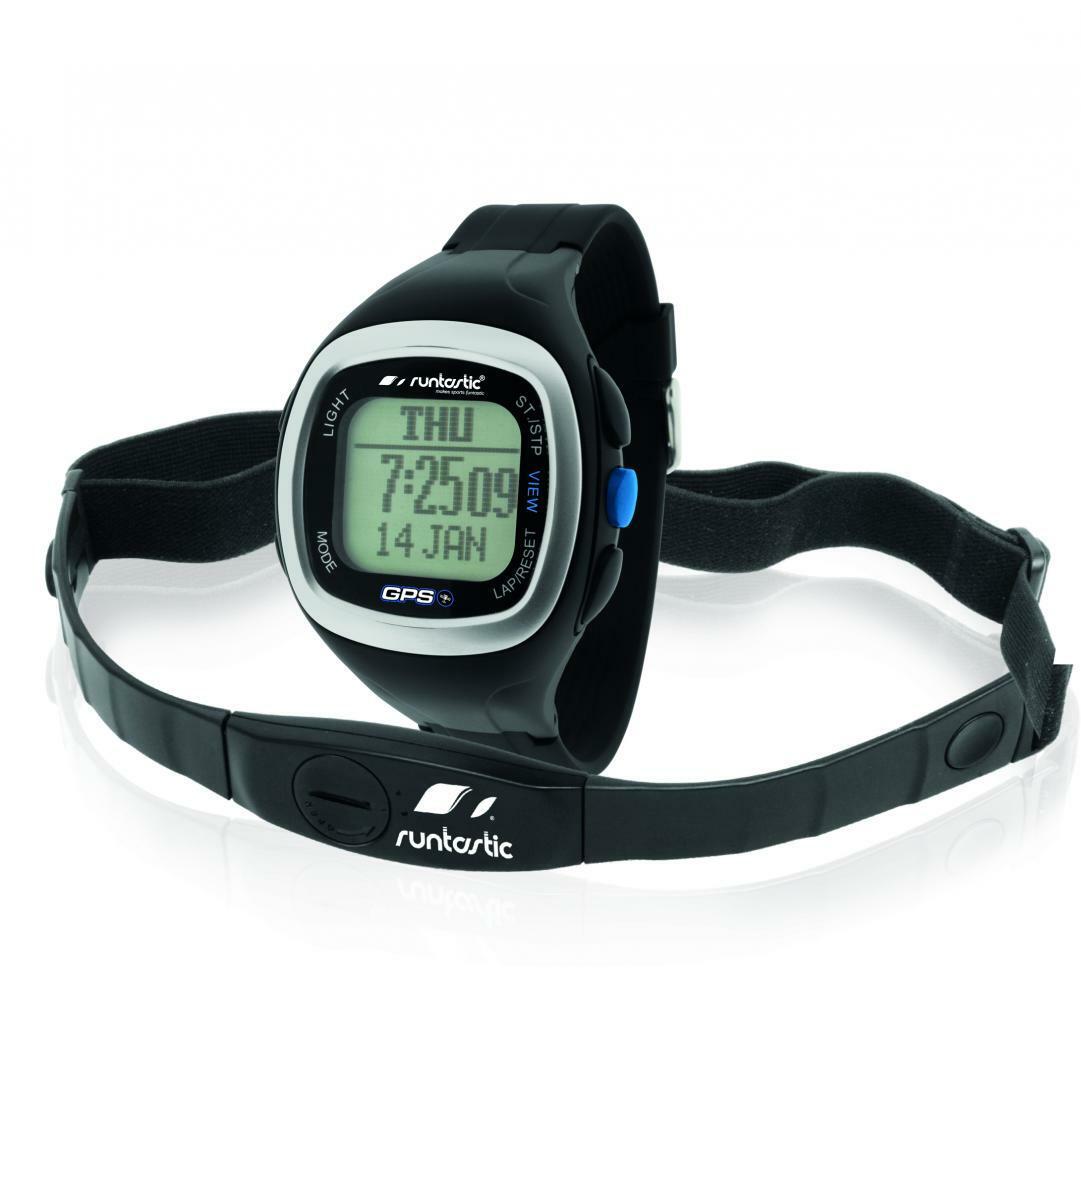 Bild 2 von RUNTASTIC GPS-Uhr mit Herzfrequenzmessung